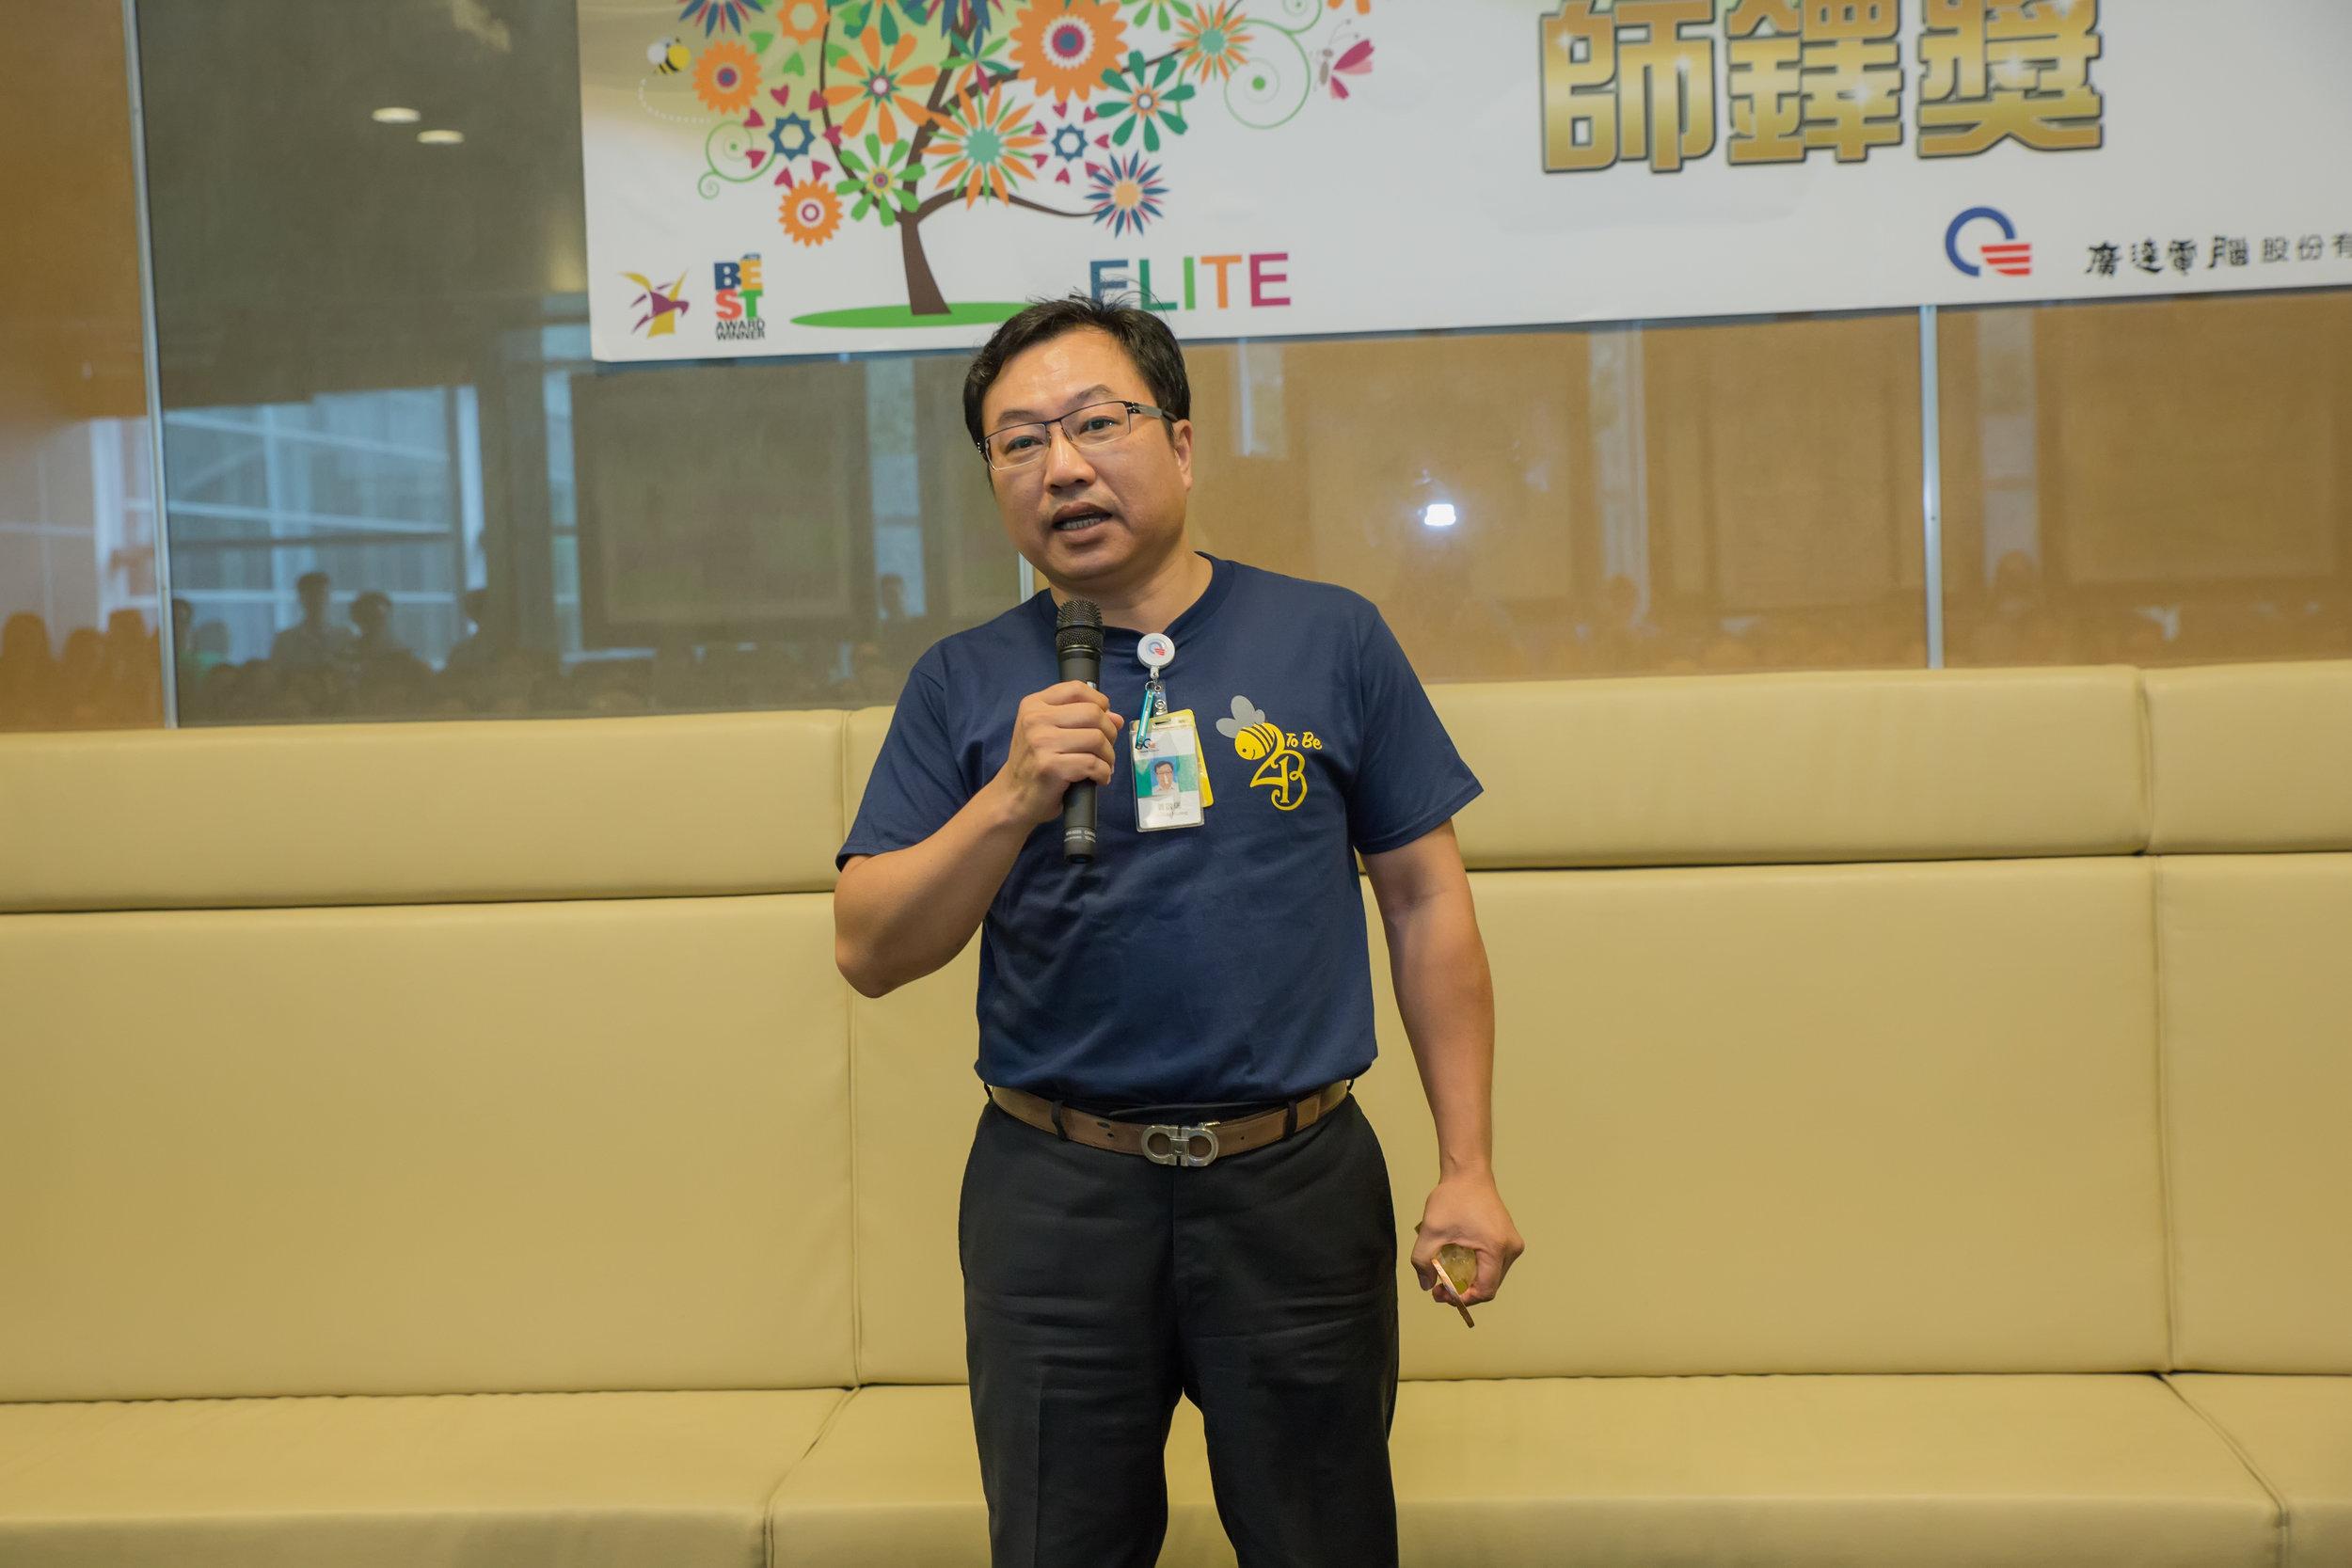 黃啟瑞  廣達電腦股份有限公司 創新中心 GM